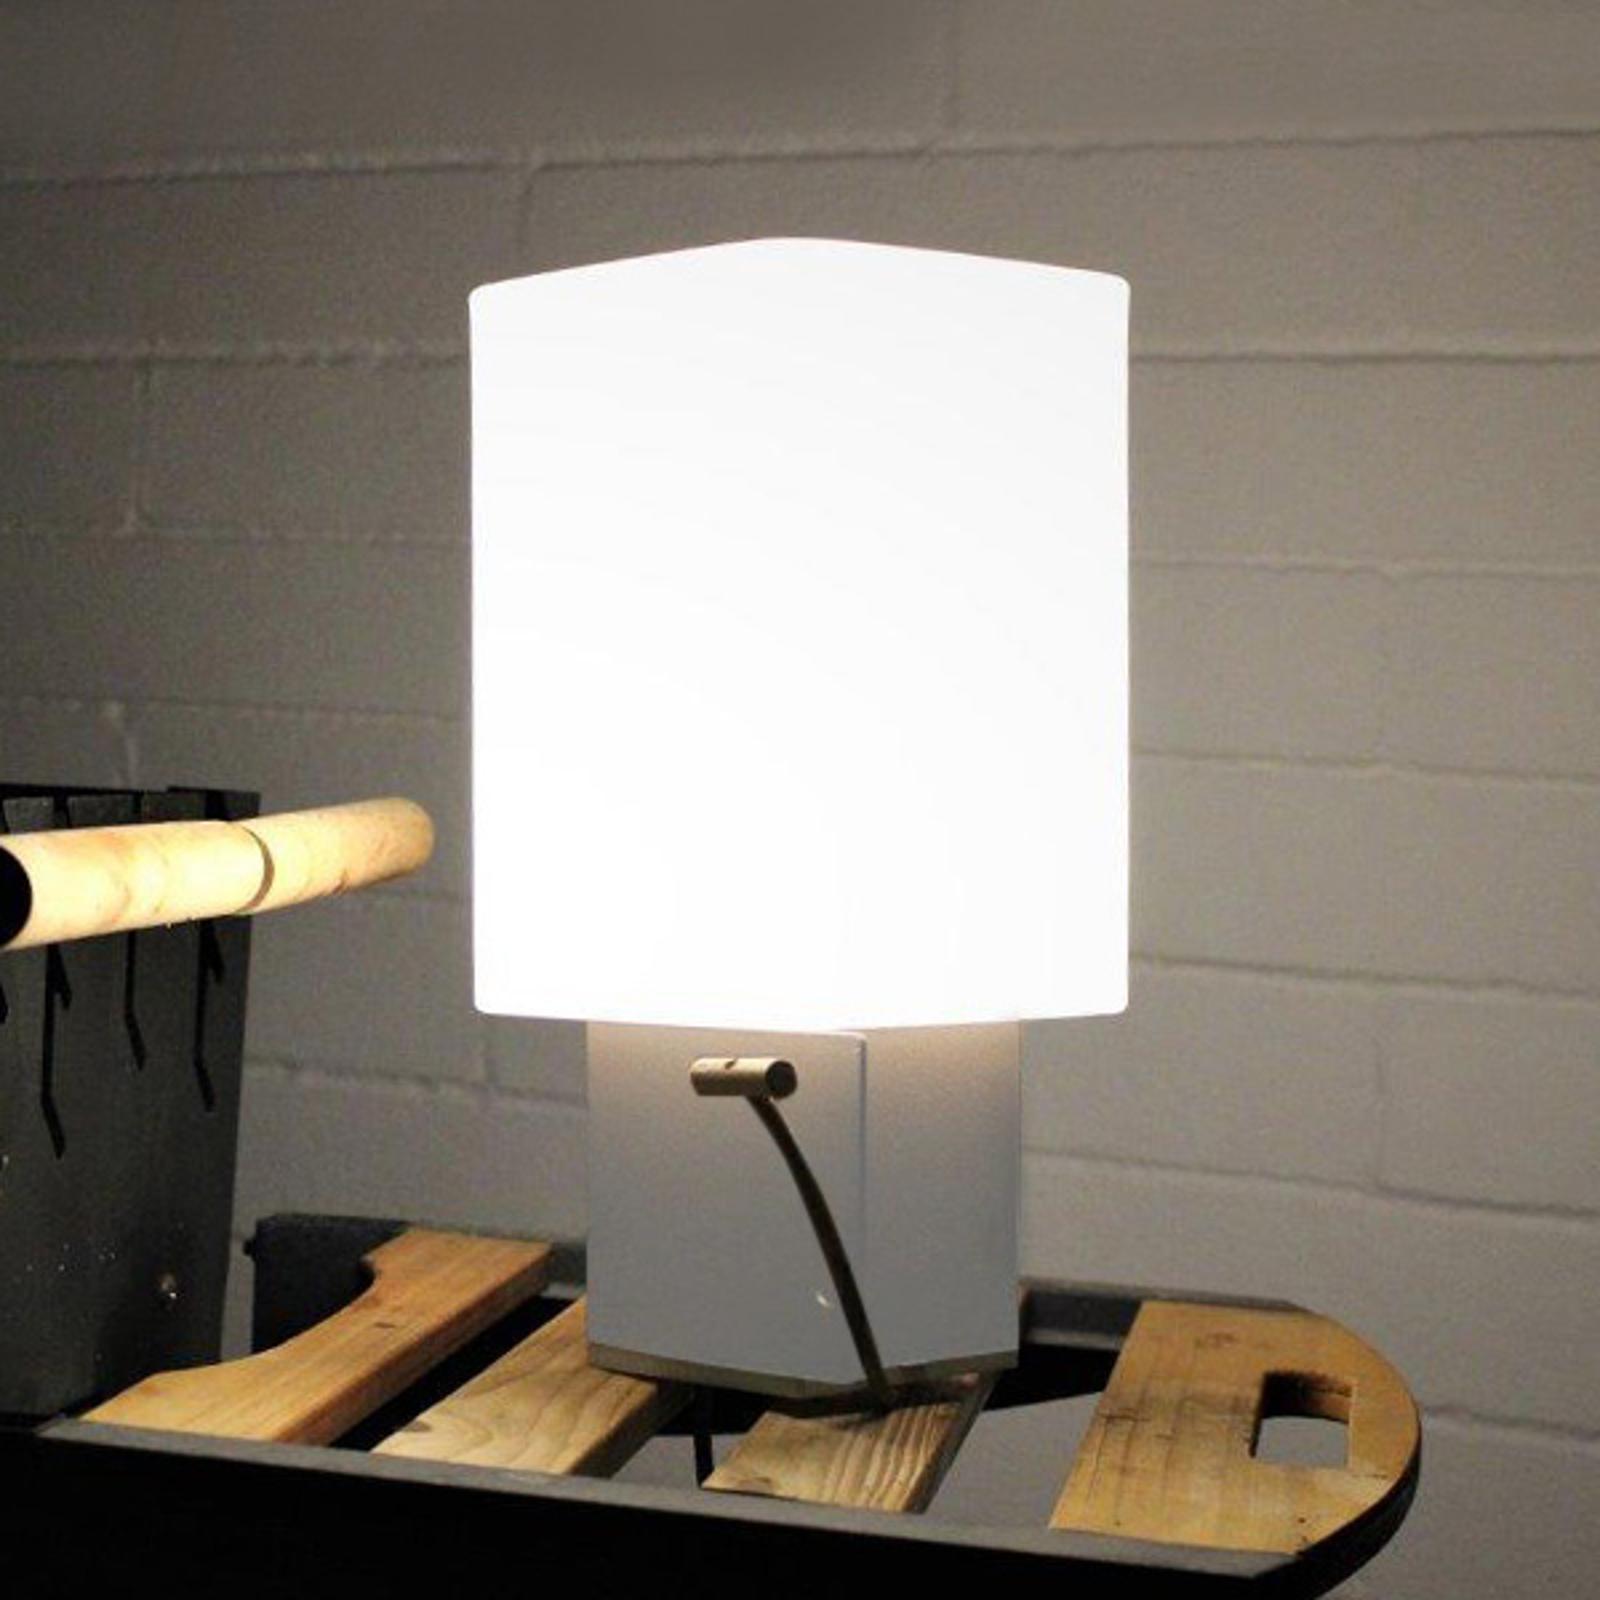 Lampe ext. déco LED Cuadrat - 6 ports USB, blanche